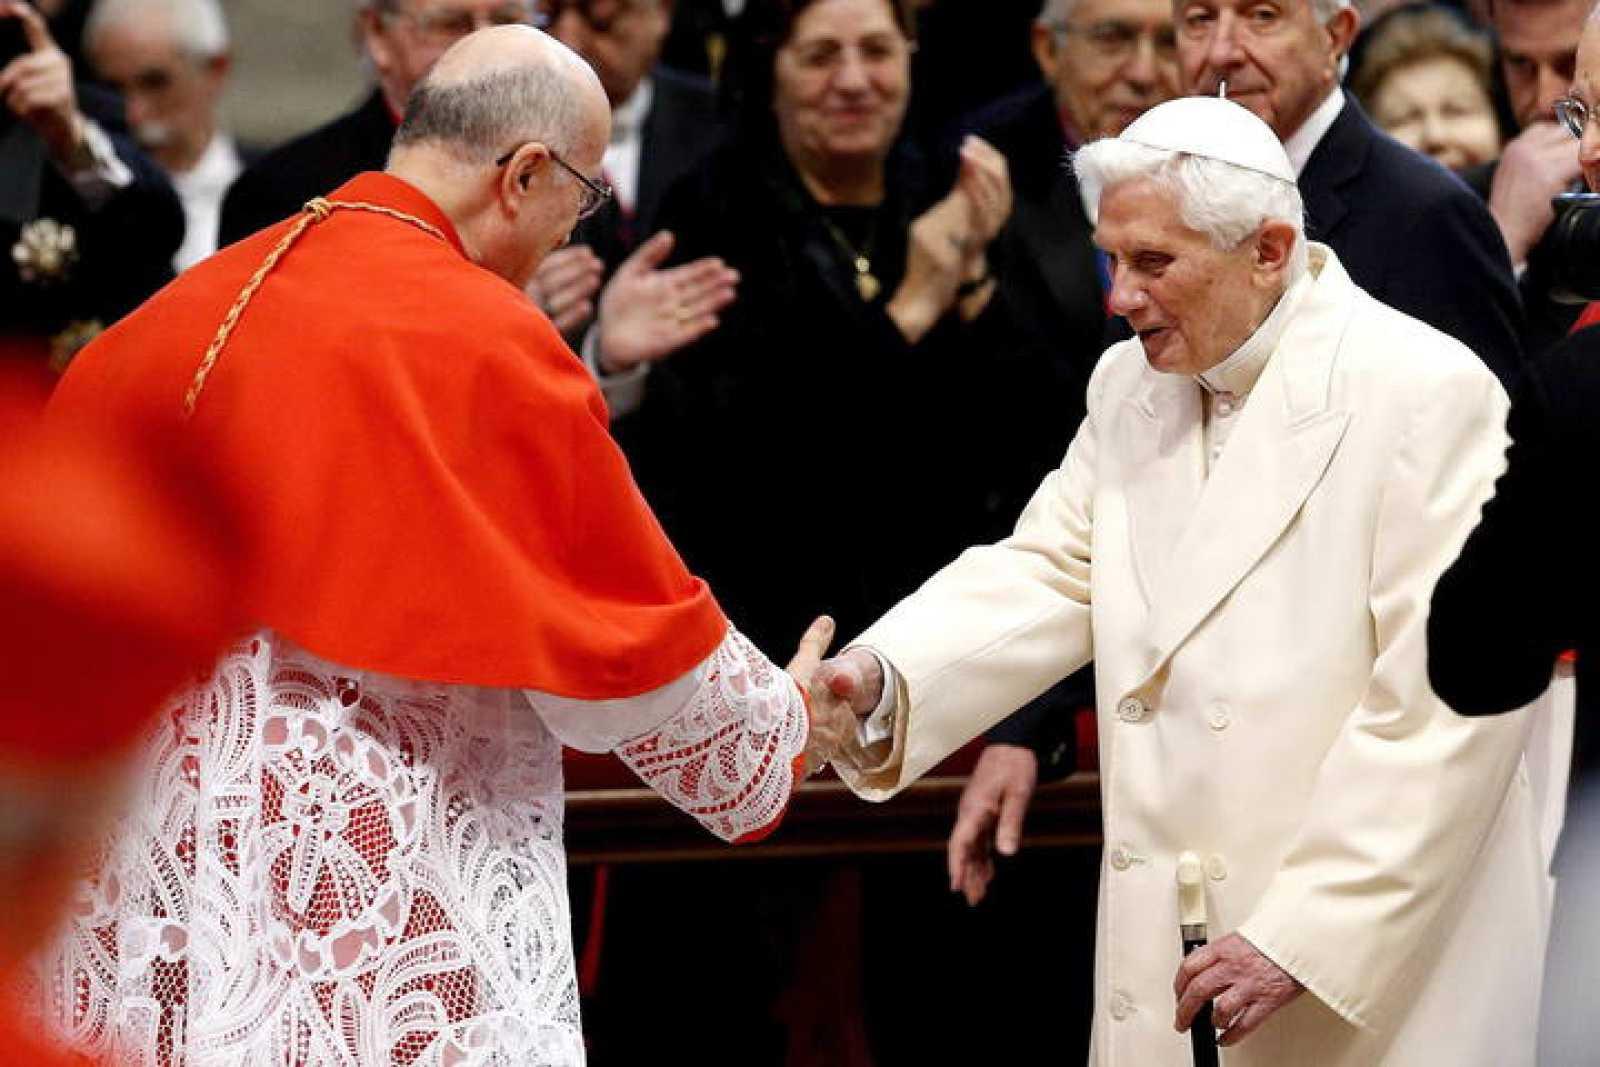 El papa emérito, Benedicto XVI, asiste al nombramiento de nuevos cardenales, el 22 de febrero